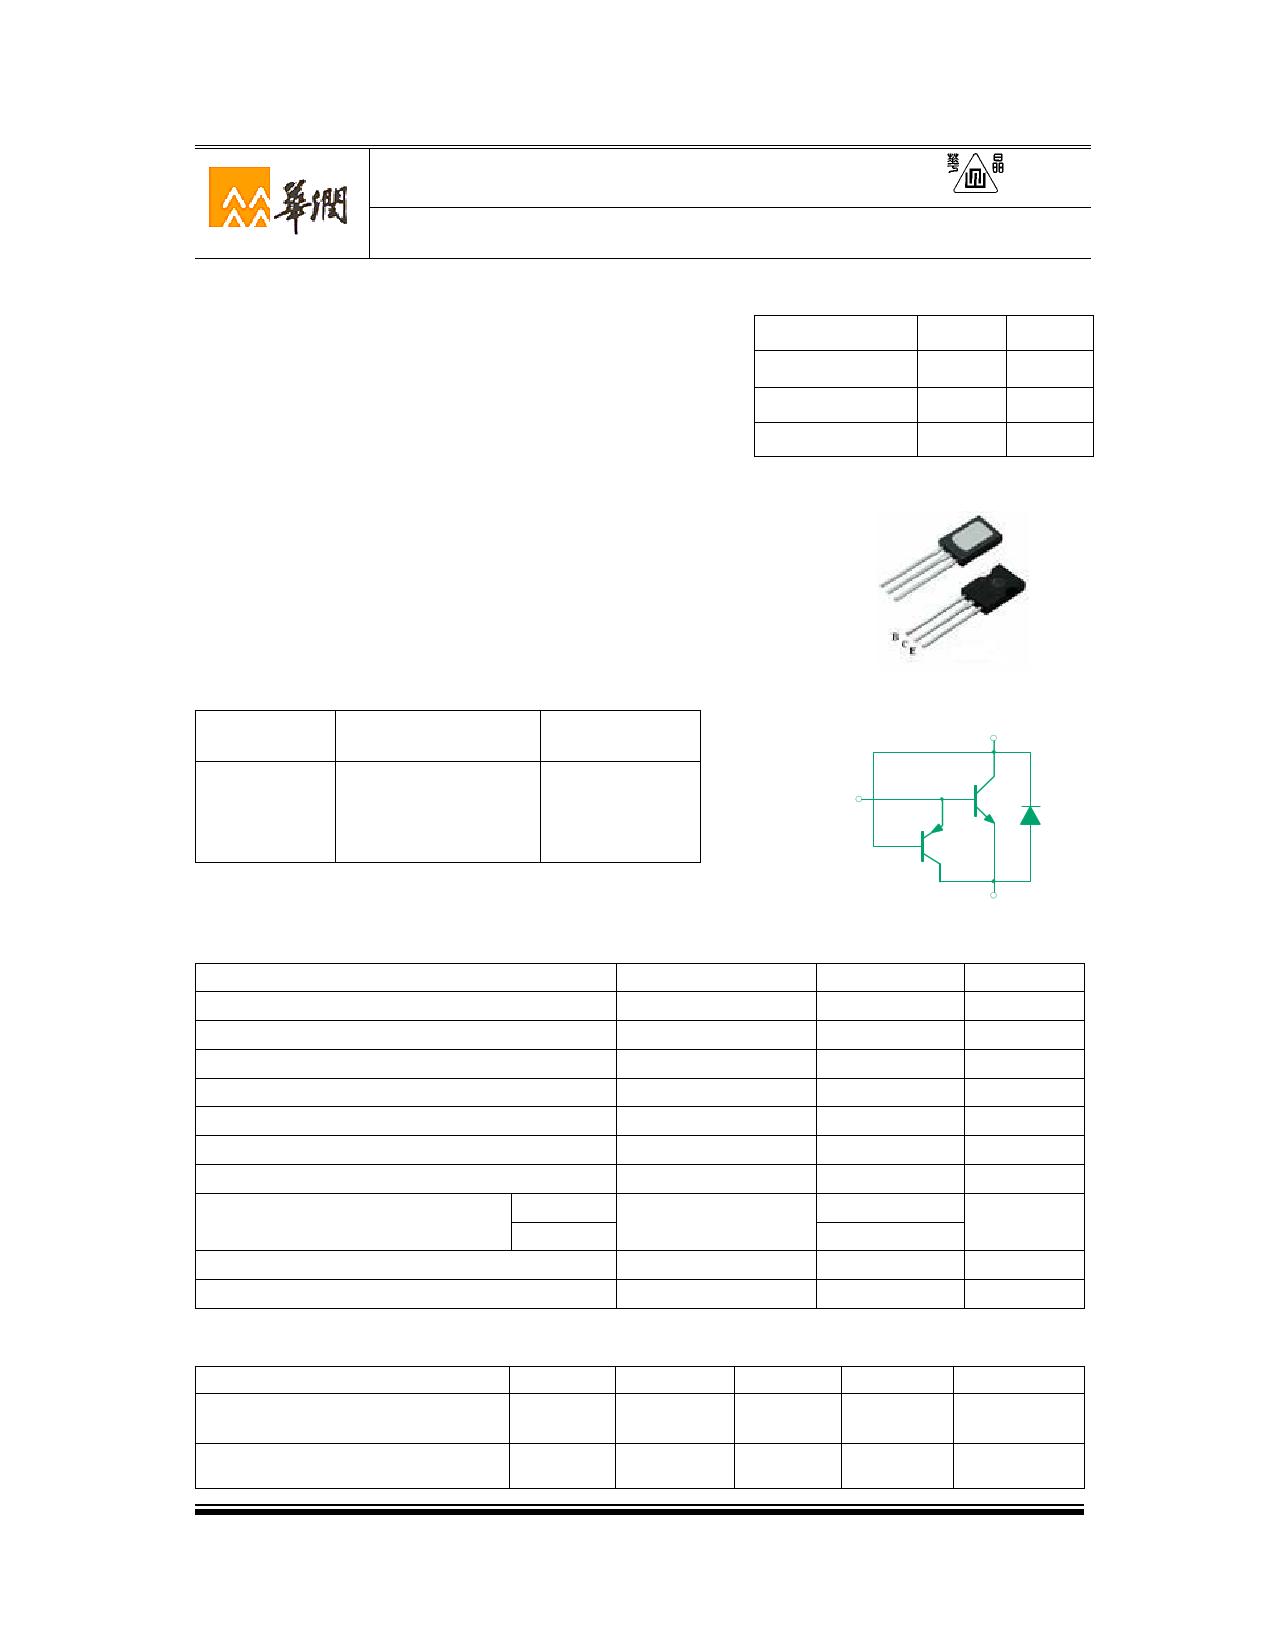 3DD128FH5D Datasheet, 3DD128FH5D PDF,ピン配置, 機能